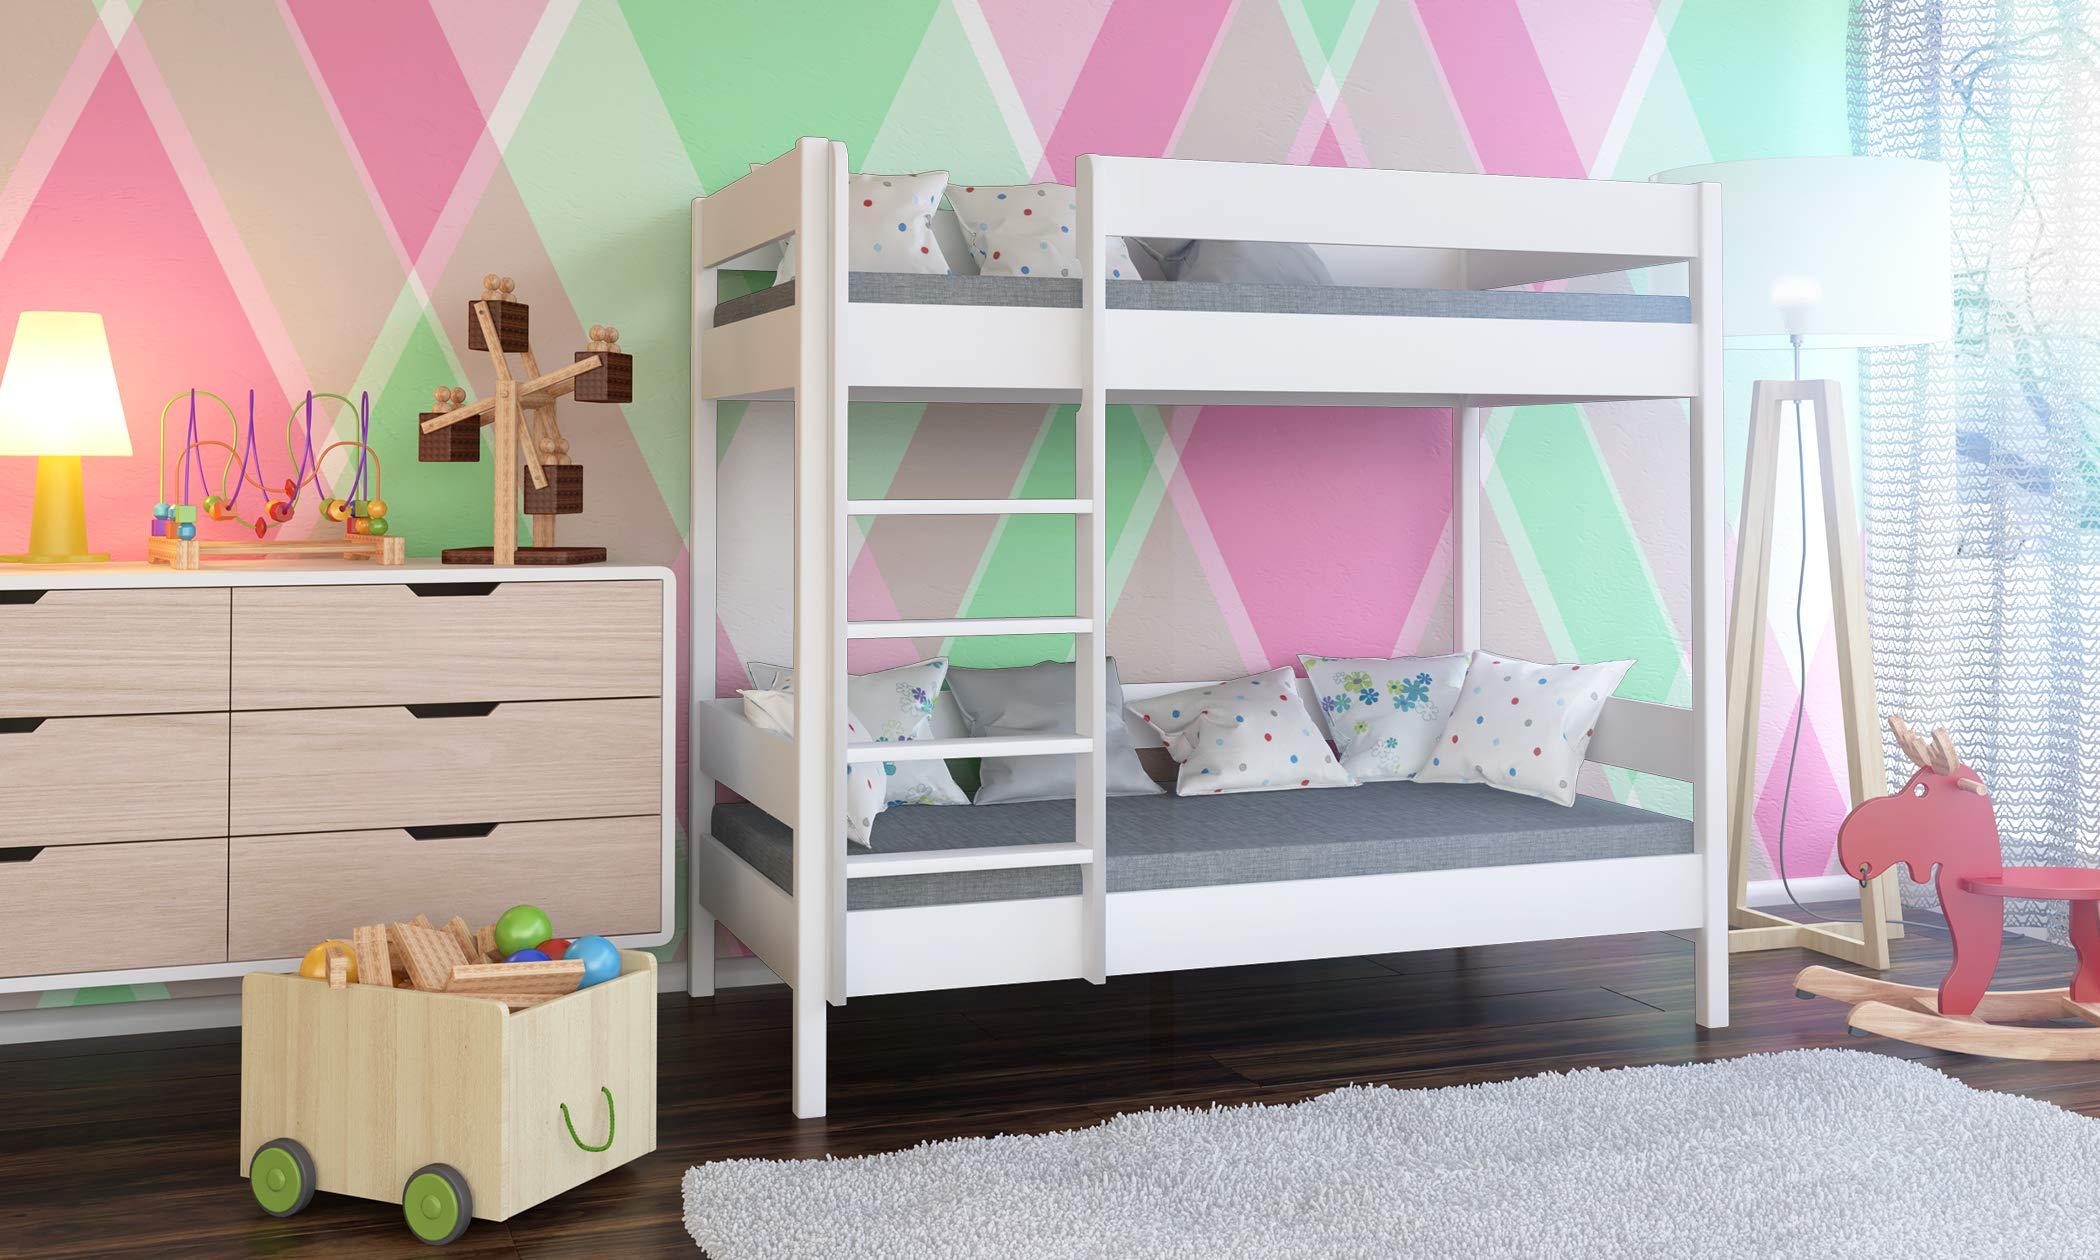 Struttura Per Letto A Castello.Dino Bunk Bed Struttura Per Letto A Castello Per Bambini In Legno Con Ingresso Frontale Legno White 140x70x160